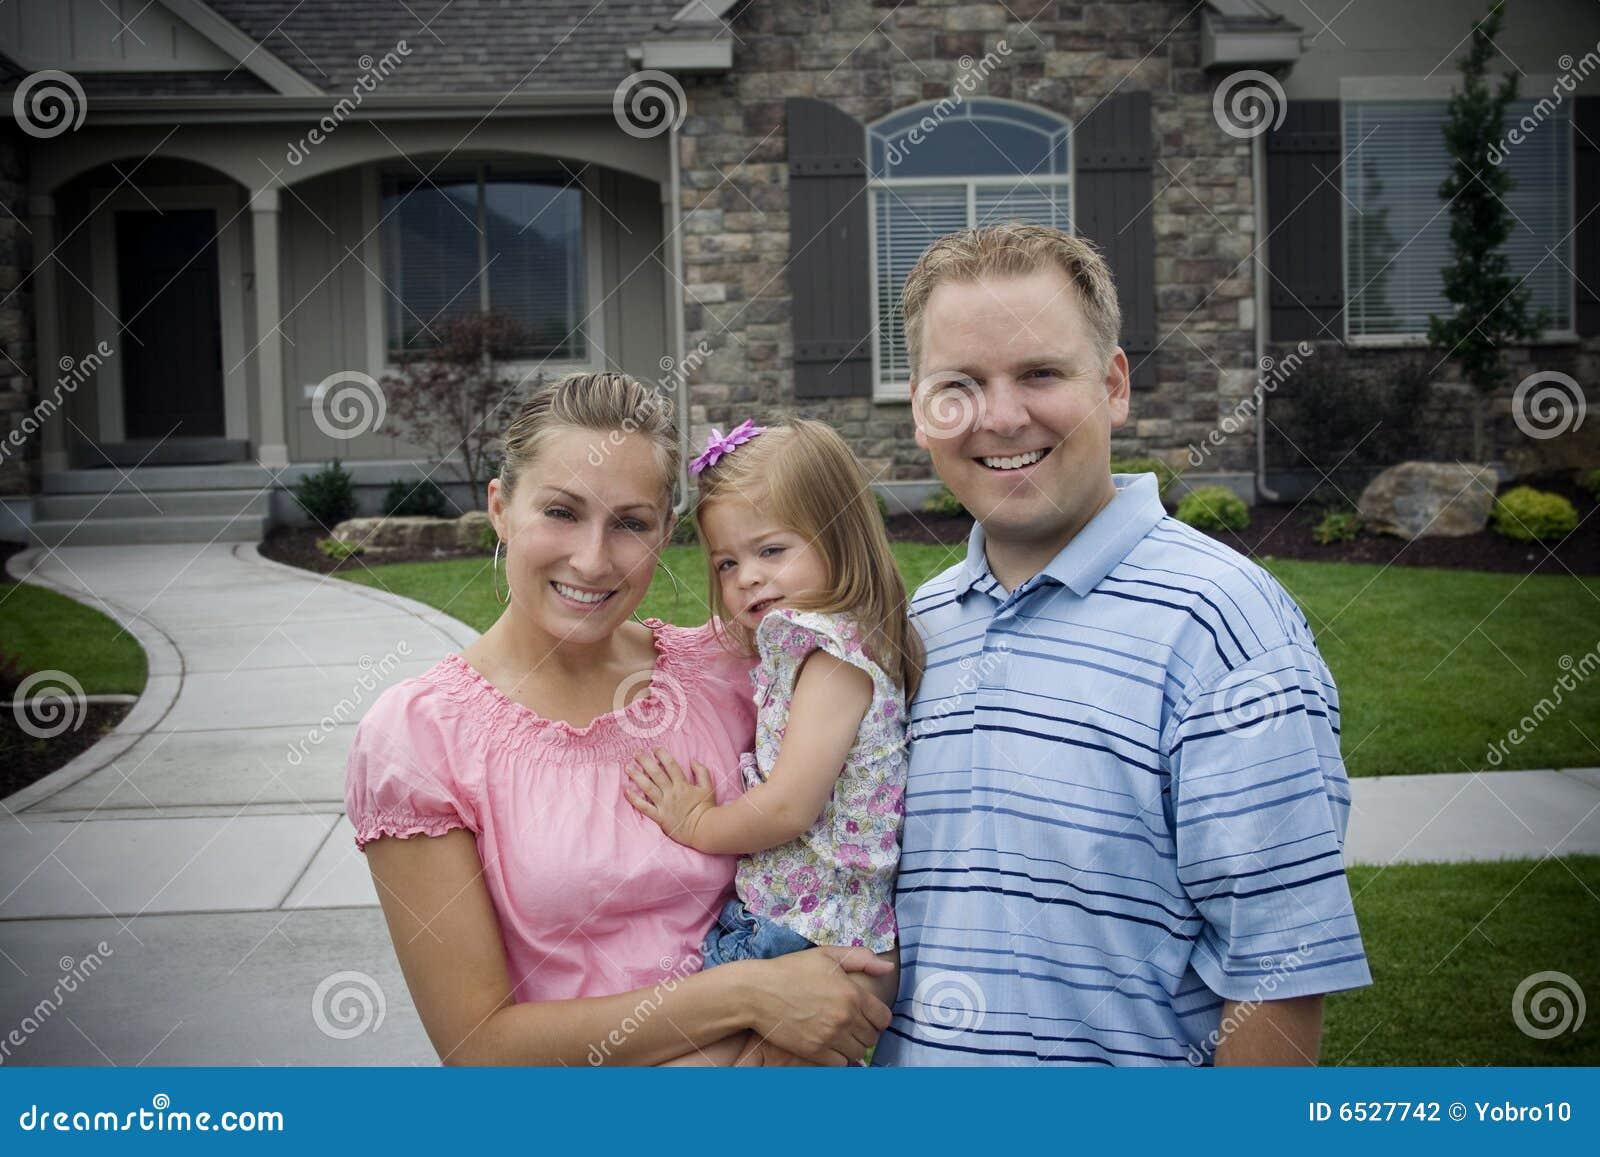 Nuevos dueños de una casa